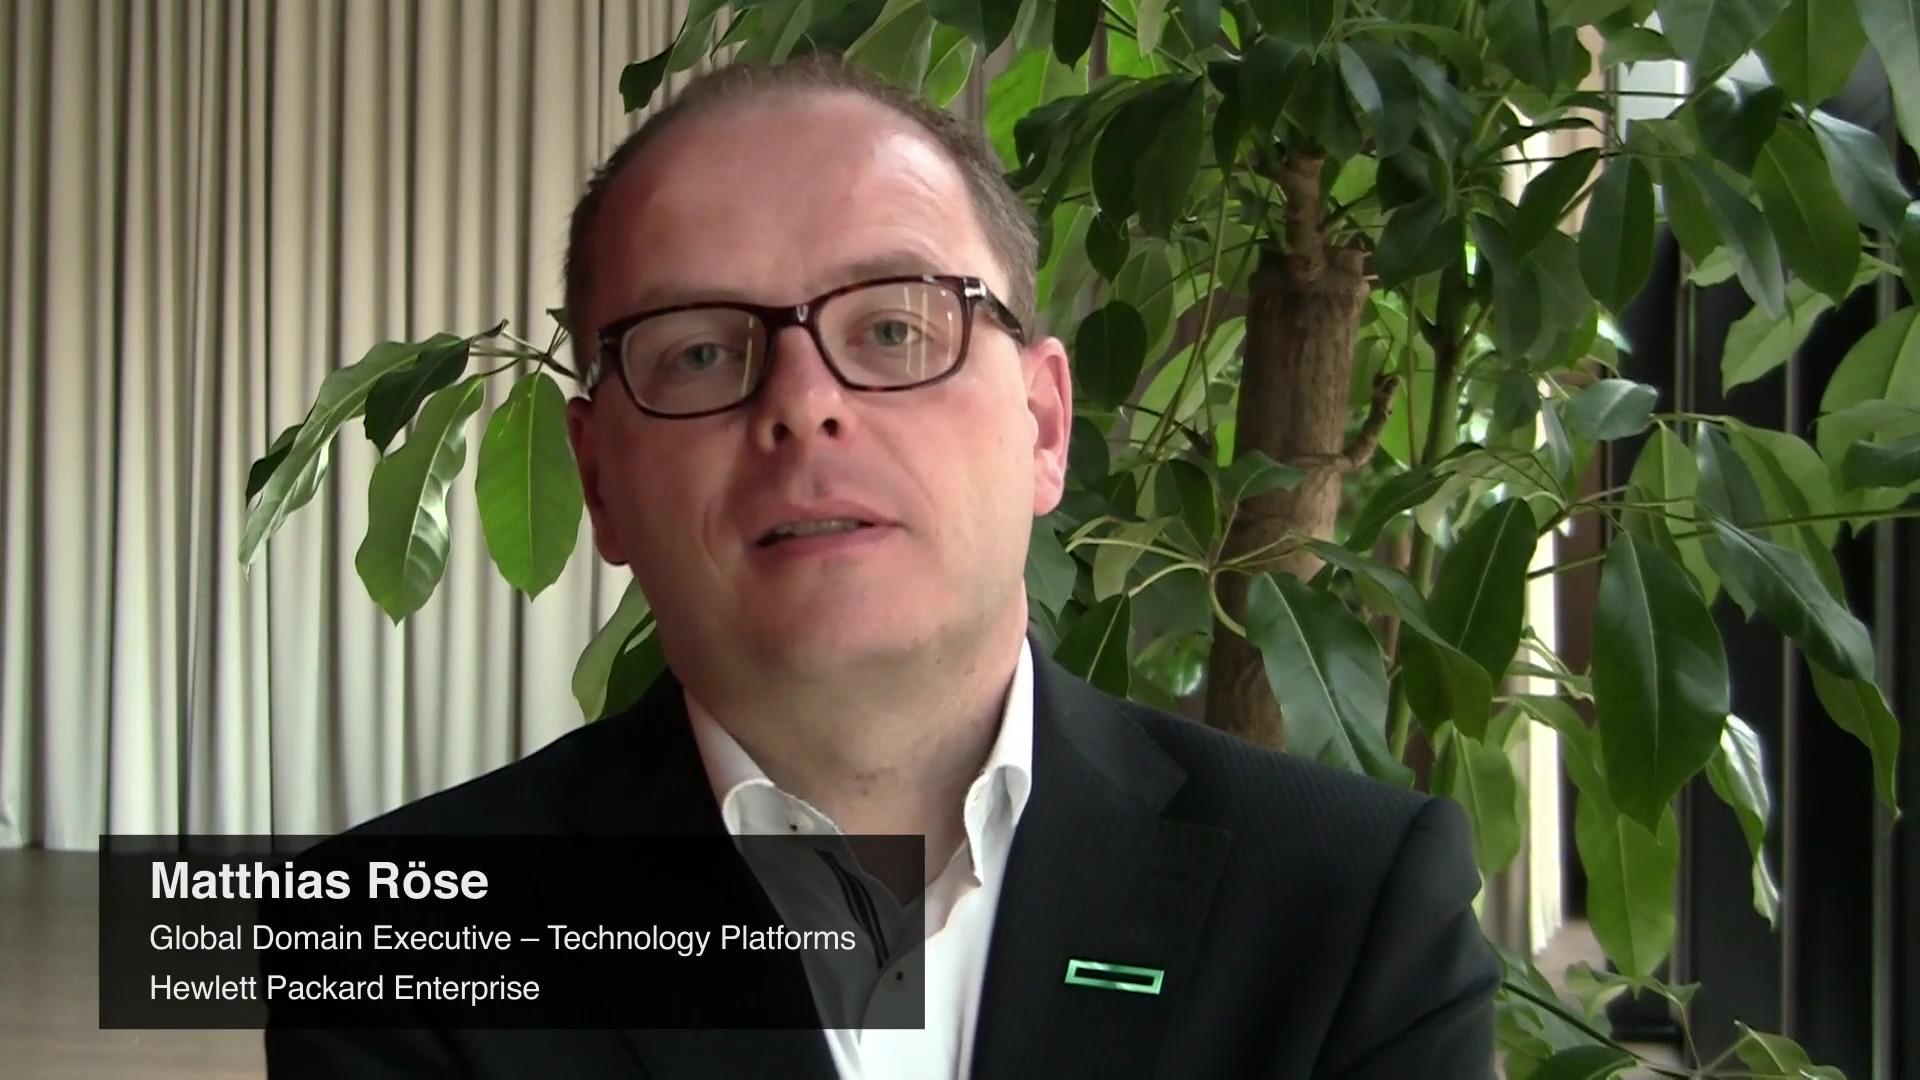 Matthias Röse Testimonal